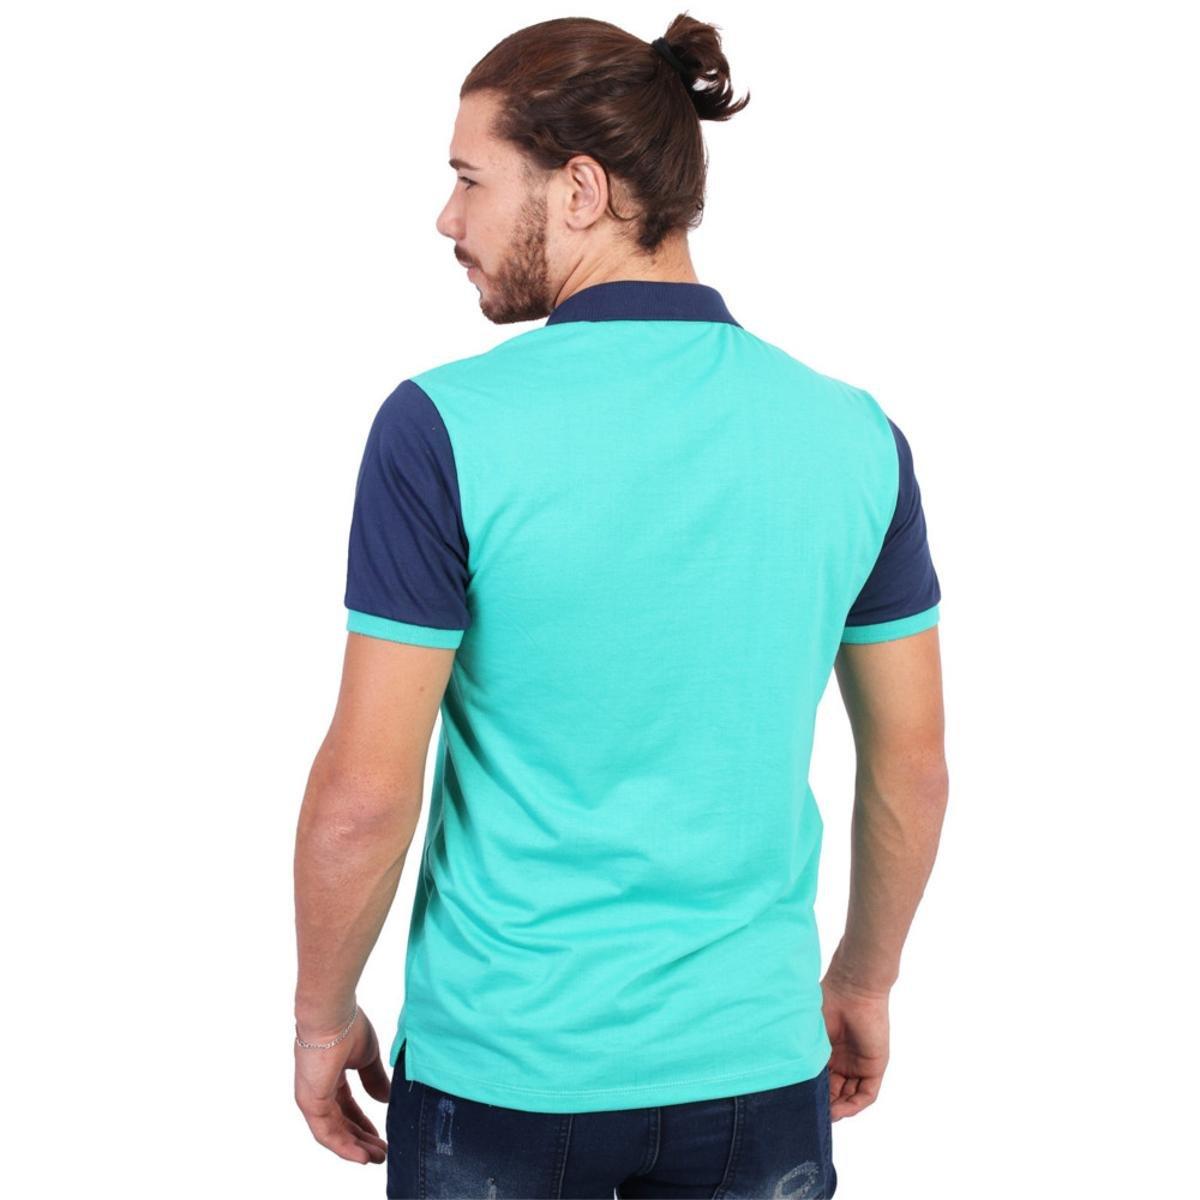 Camisa Polo England Polo Club Estampada - Verde - Compre Agora ... 184a6e188bccd